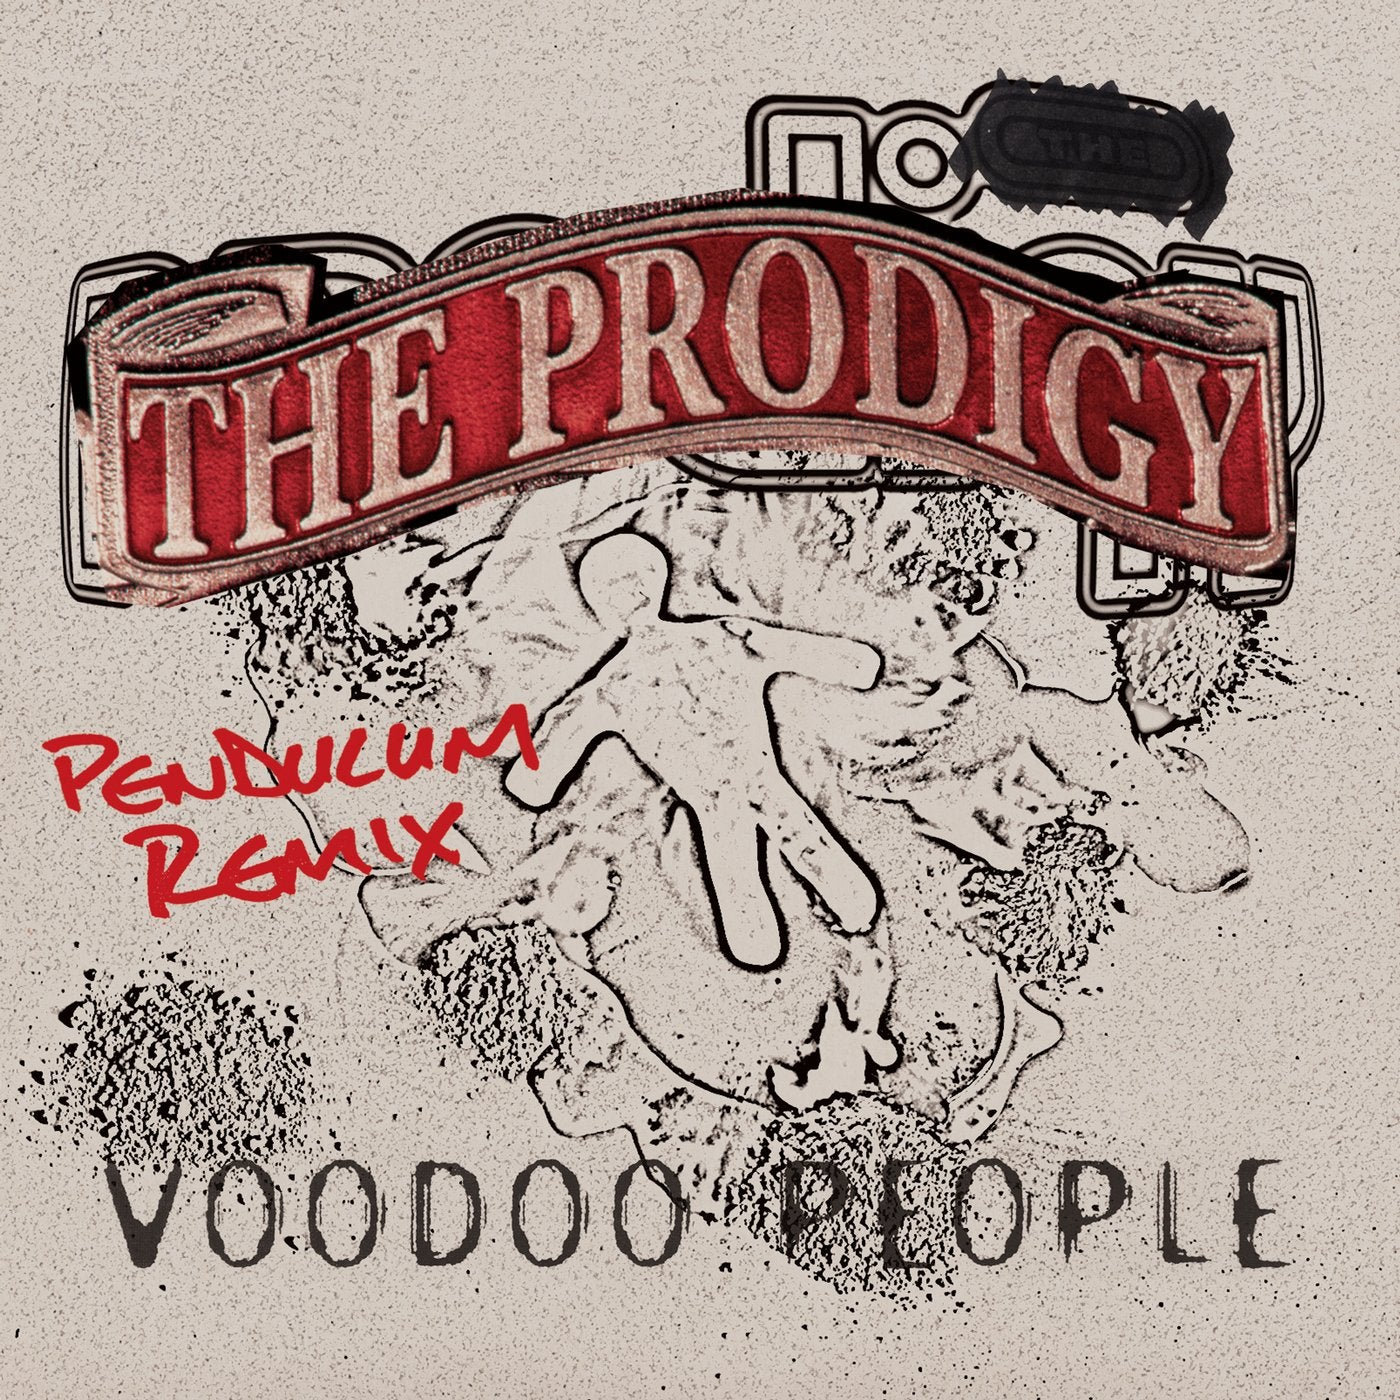 Voodoo People (Pendulum Mix)